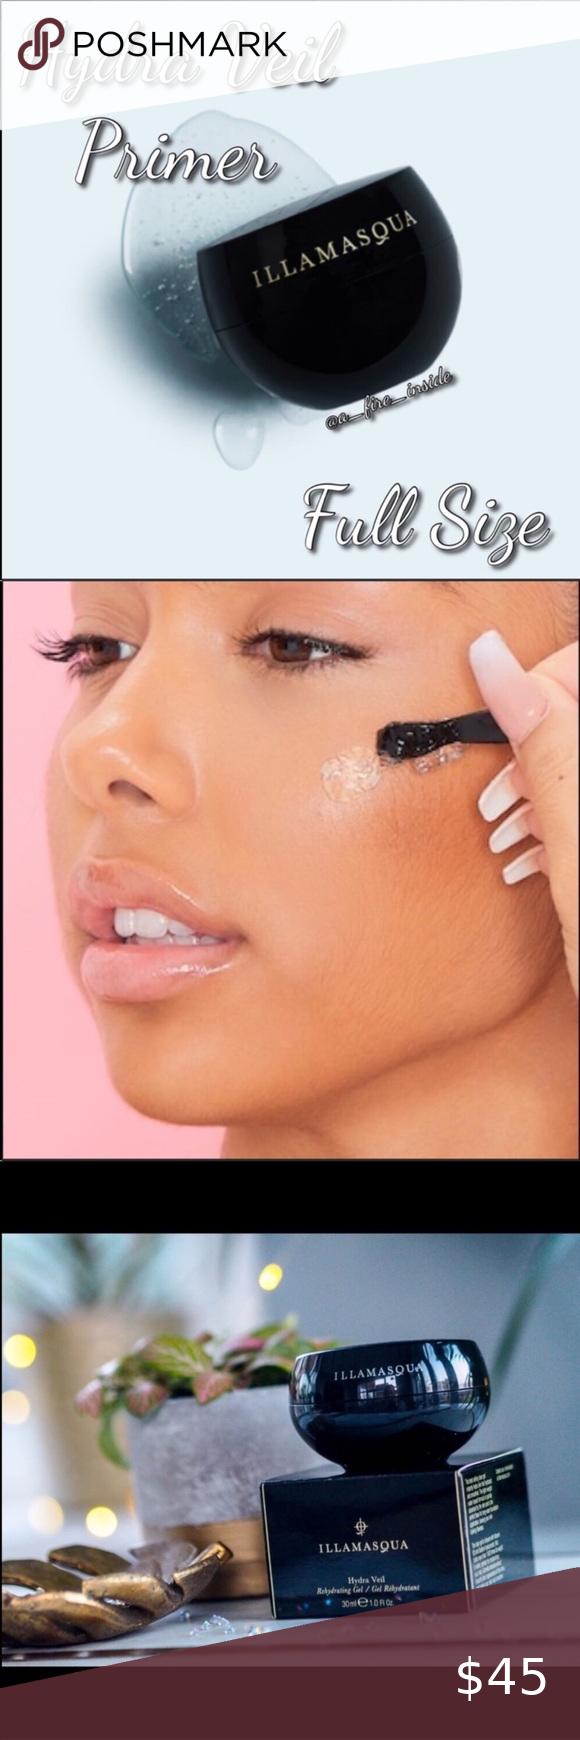 Illamasqua Hydra Veil Primer Full Size Vegan New In 2021 Illamasqua Hydra Veil Makeup Primer Cream Lipstick